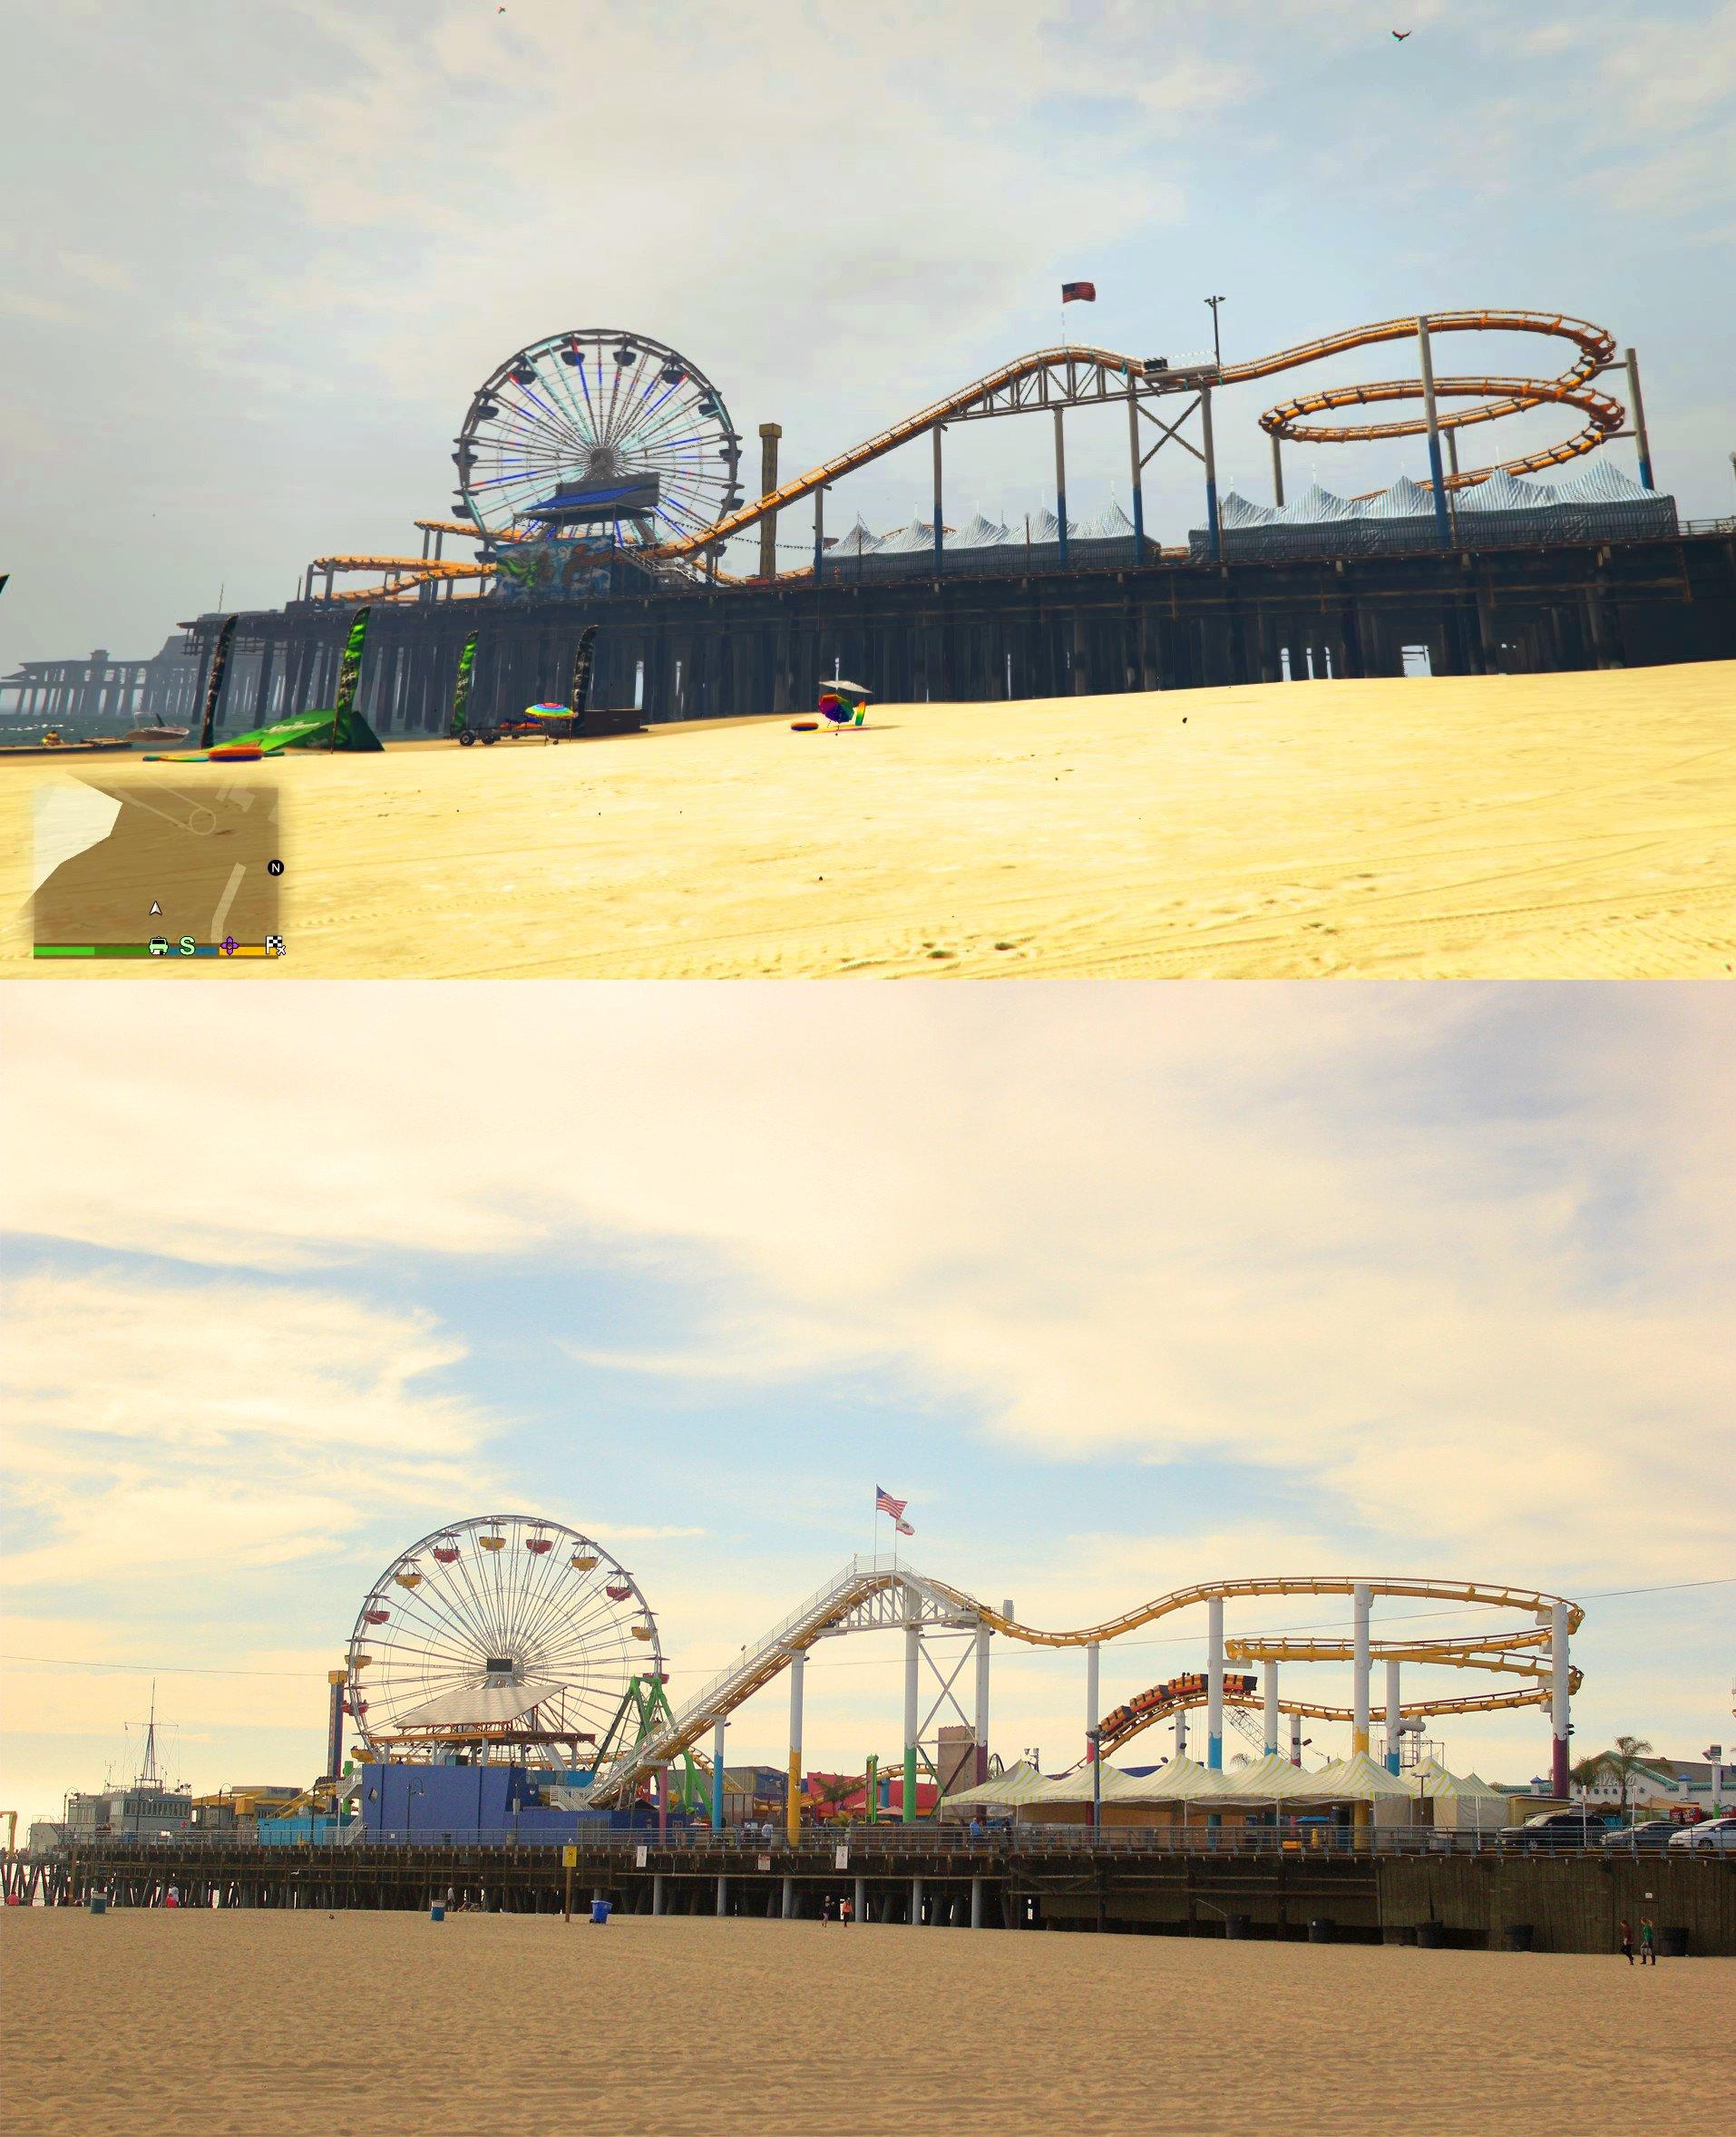 GTA V vs Реальность - Изображение 7